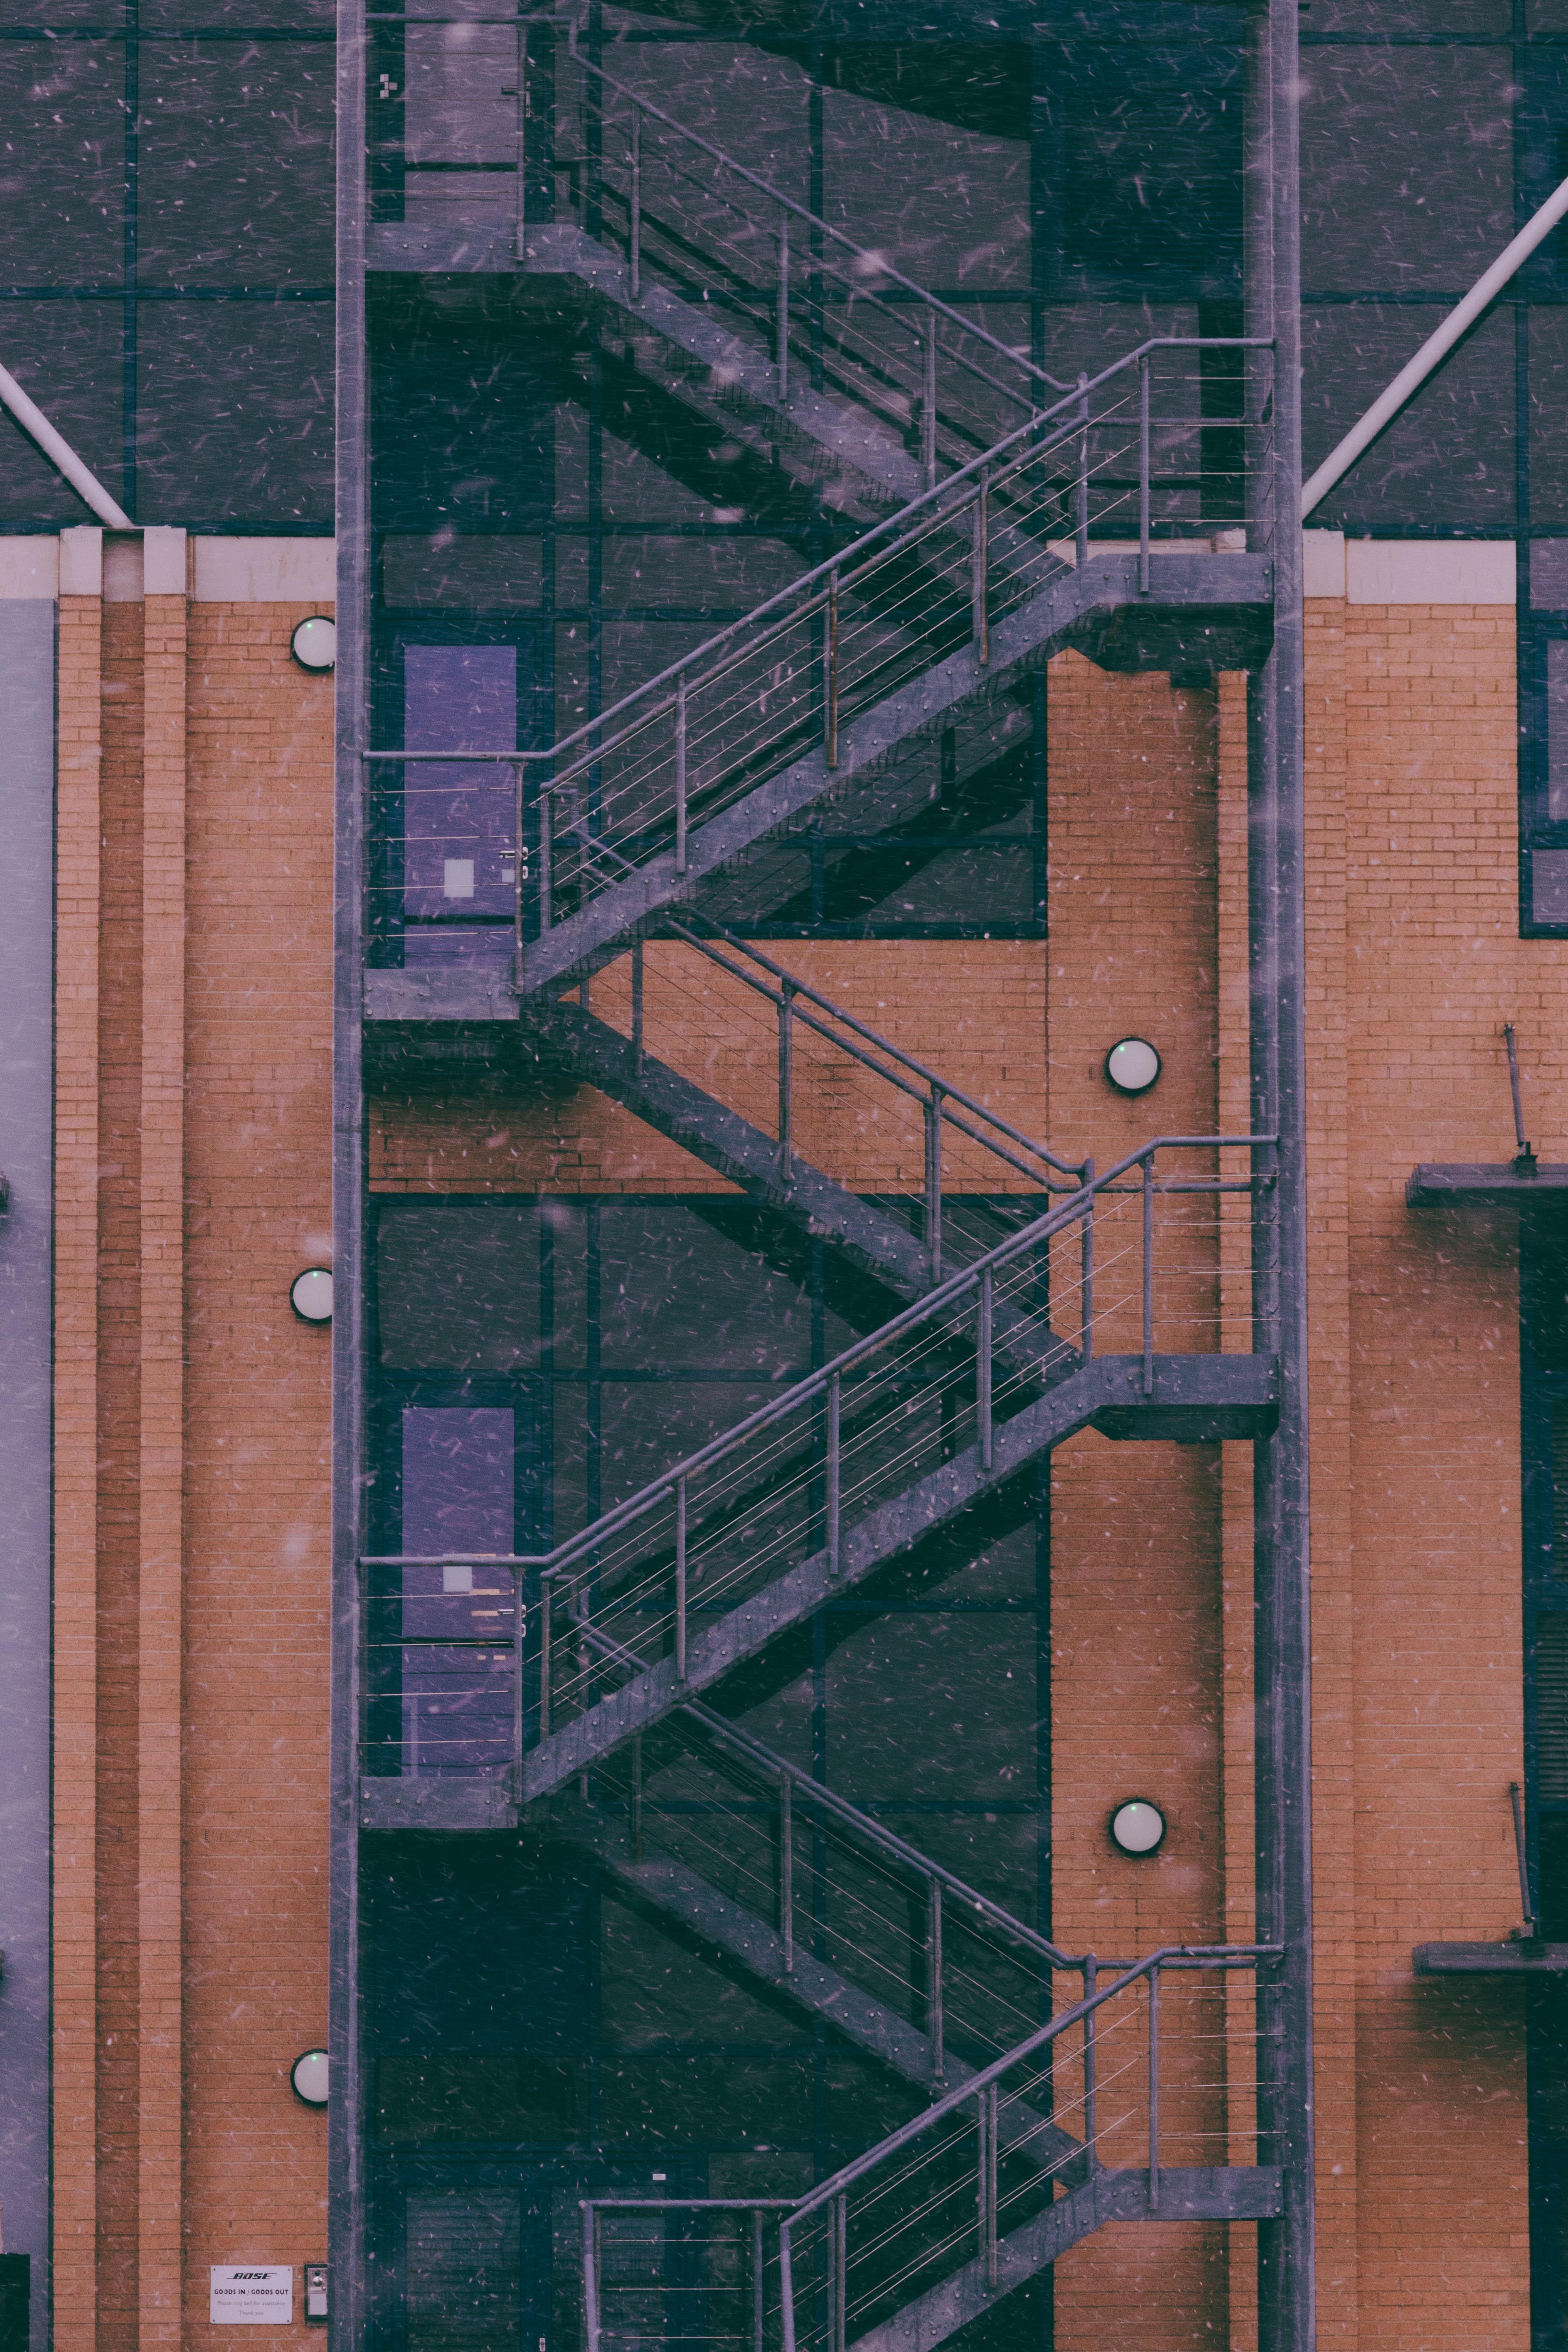 148721壁紙のダウンロードその他, 雑, 建物, 階段, 梯子, 壁, アーキテクチャ-スクリーンセーバーと写真を無料で